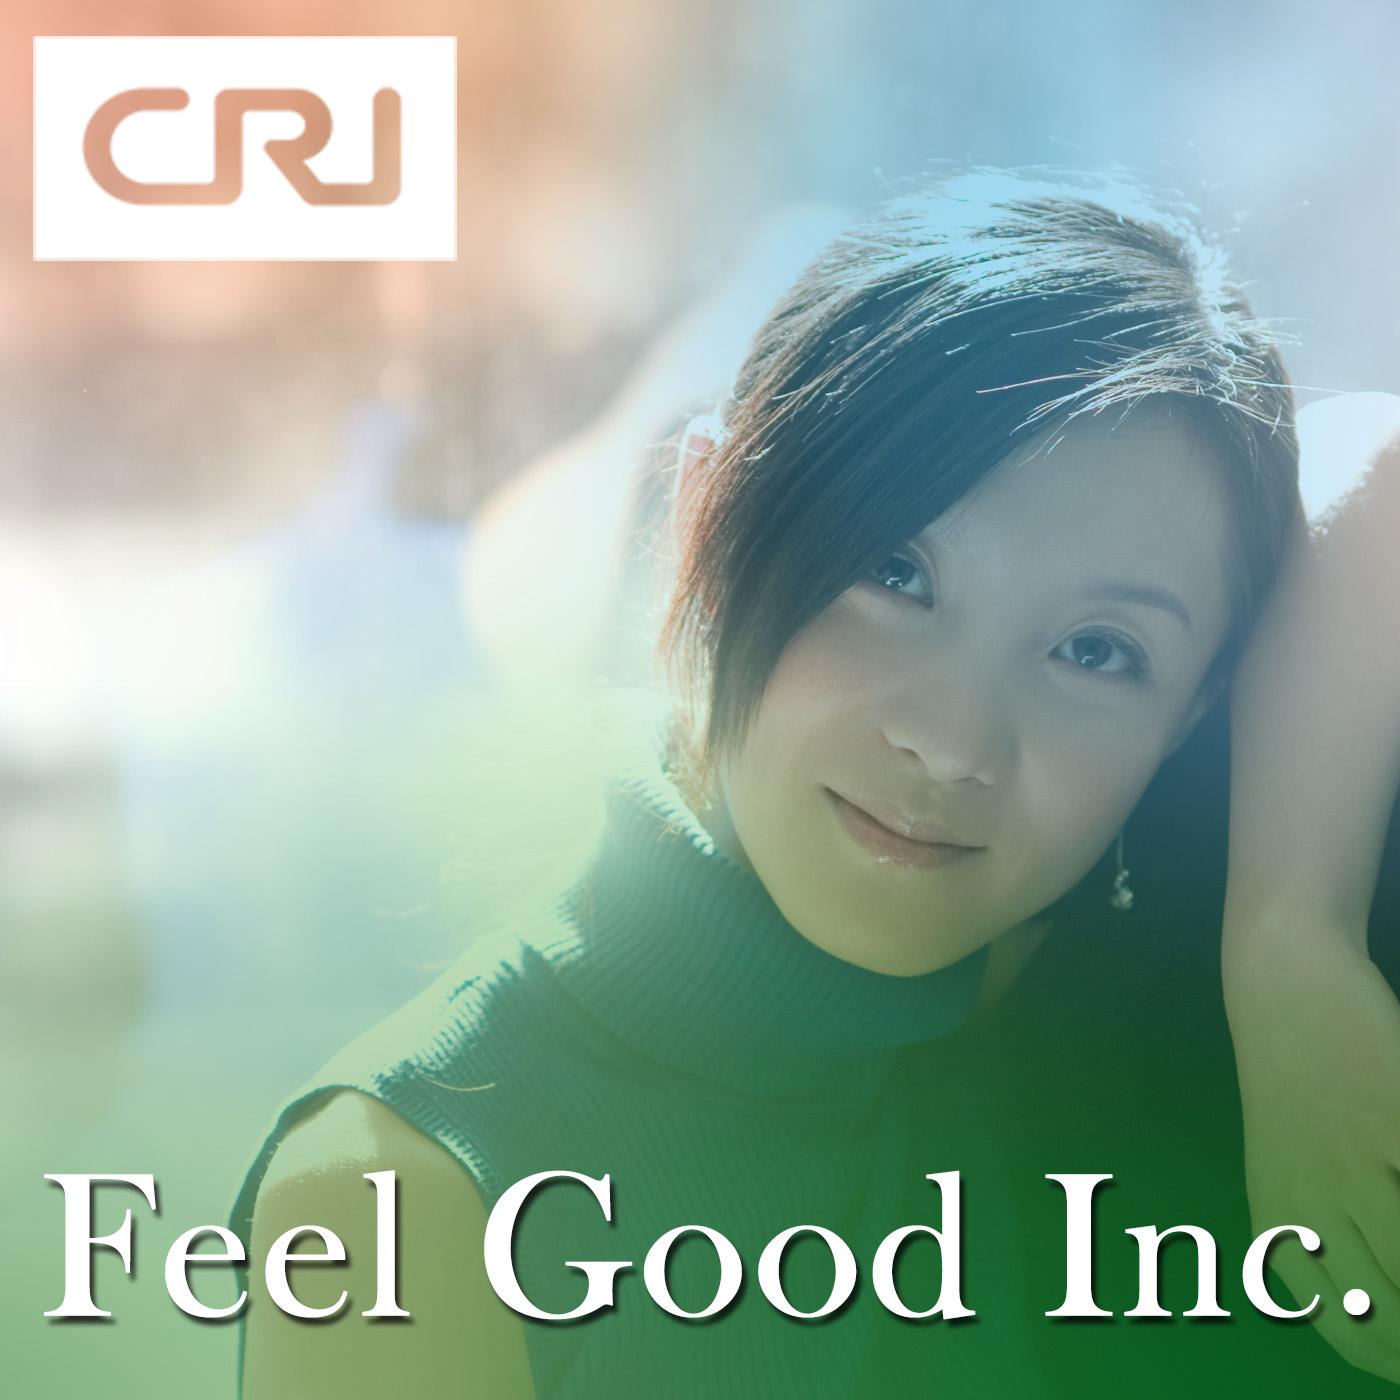 Feel Good Inc.好感觉公司